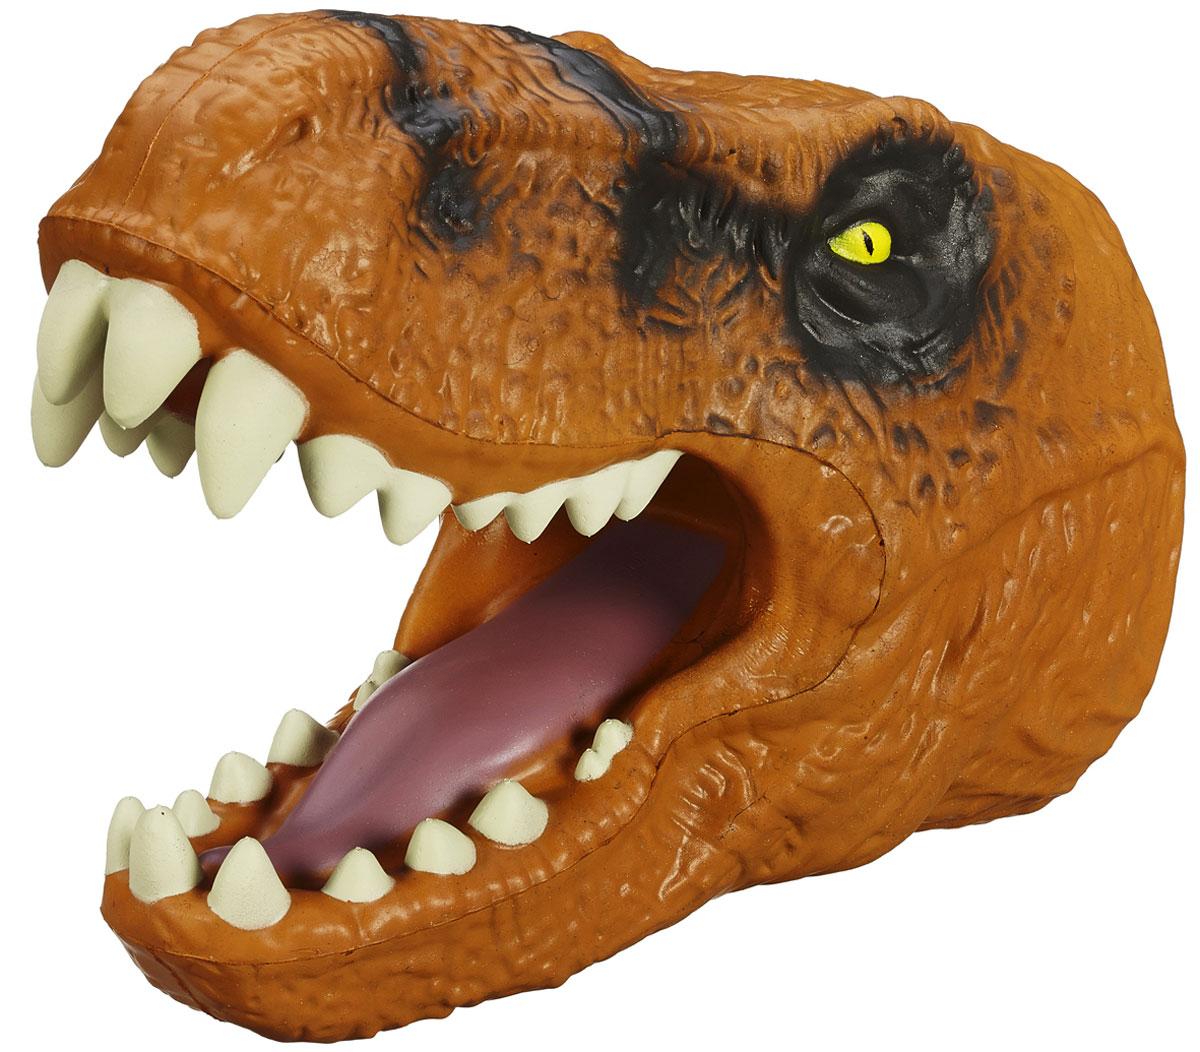 Jurassic World Игрушка на руку Tyrannosaurus RexB1509 B1511Игрушка на руку Jurassic World Tyrannosaurus Rex непременно привлечет внимание вашего ребенка. Голова тираннозавра Рекса - это уникальная игрушка, которая гарантированно станет одной из самых любимых не только для детей, но и для взрослых. Она надевается на руку, благодаря чему можно отлично развлечься, напугав своего друга свирепым оскалом Рекса. Изготавливается исключительно из качественных и гипоаллергенных материалов, не раздражающих кожу. Что может быть лучше в качестве подарка для ребенка или поклонника культового фильма Парк Юрского периода? Ваш ребенок часами будет играть с ней, придумывая различные истории. Порадуйте его таким замечательным подарком!